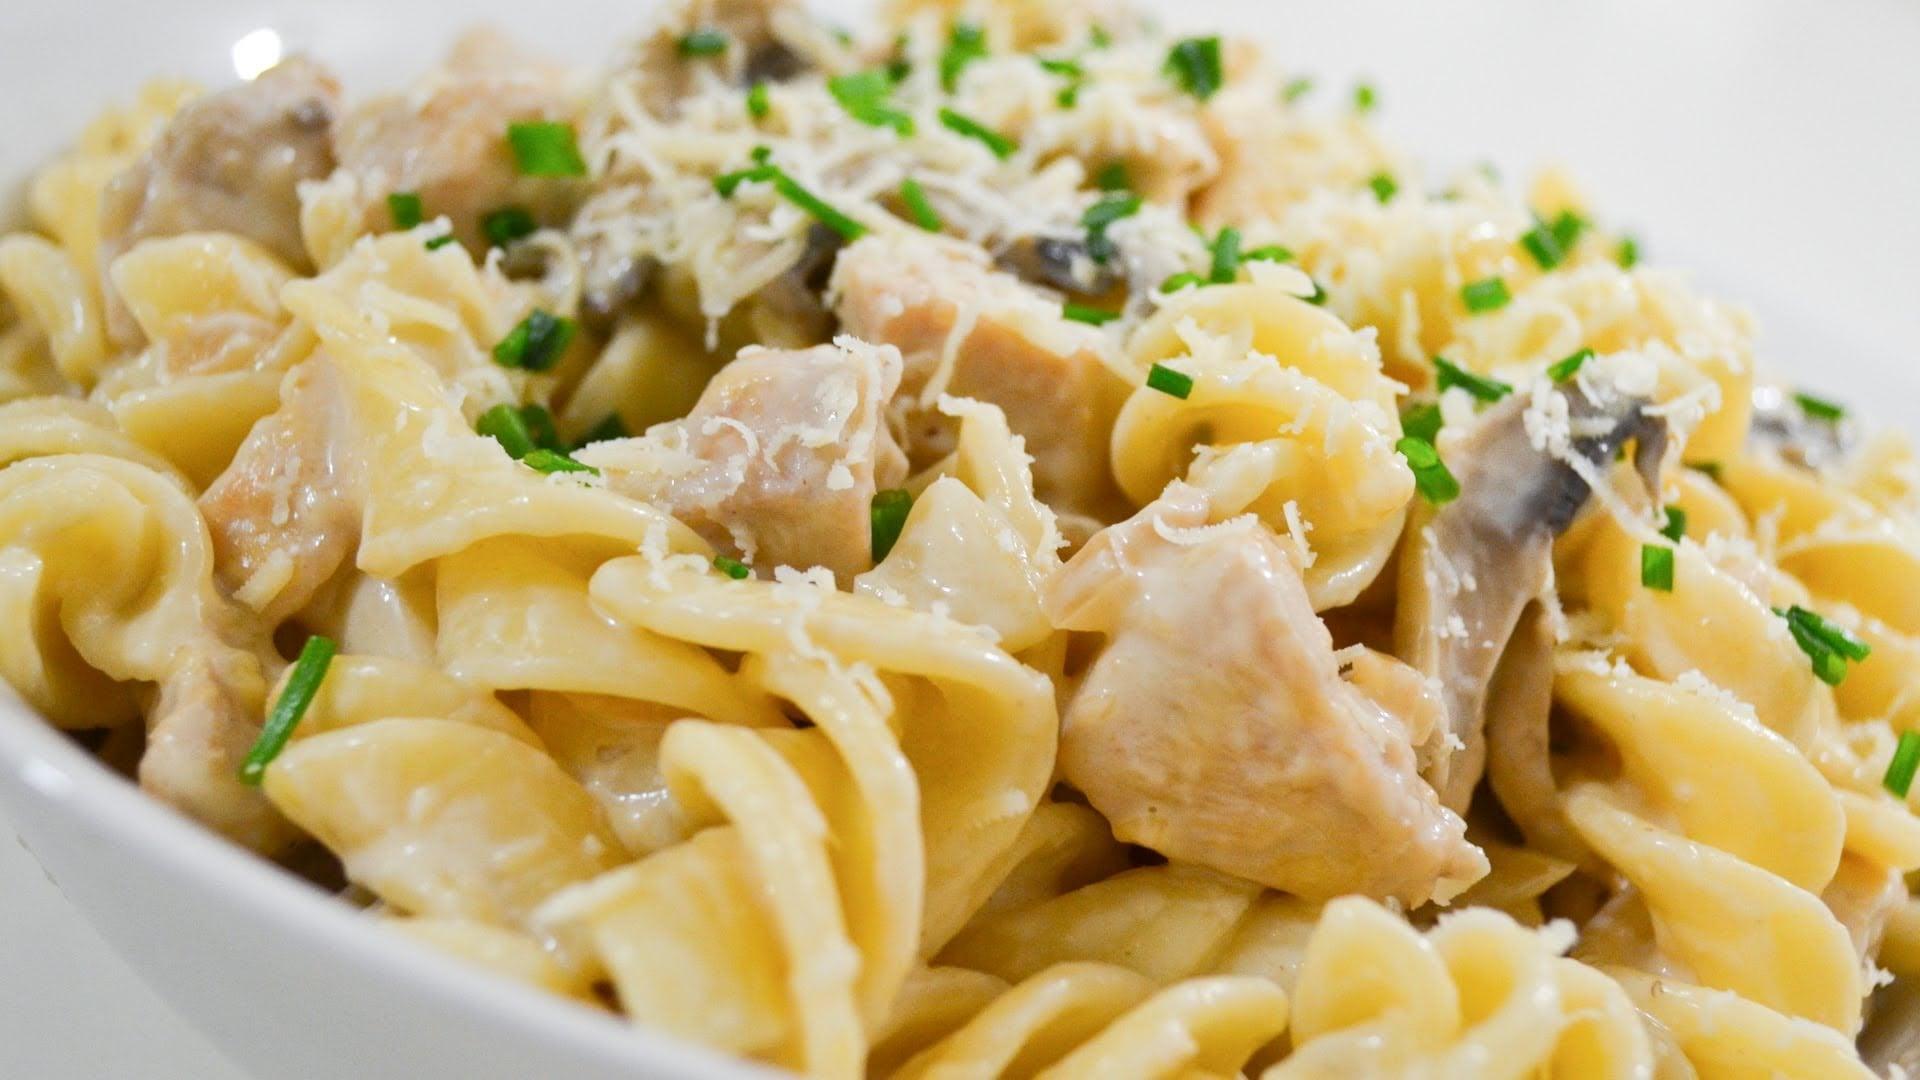 Спагетти со сливочным соусом и курицей рецепт